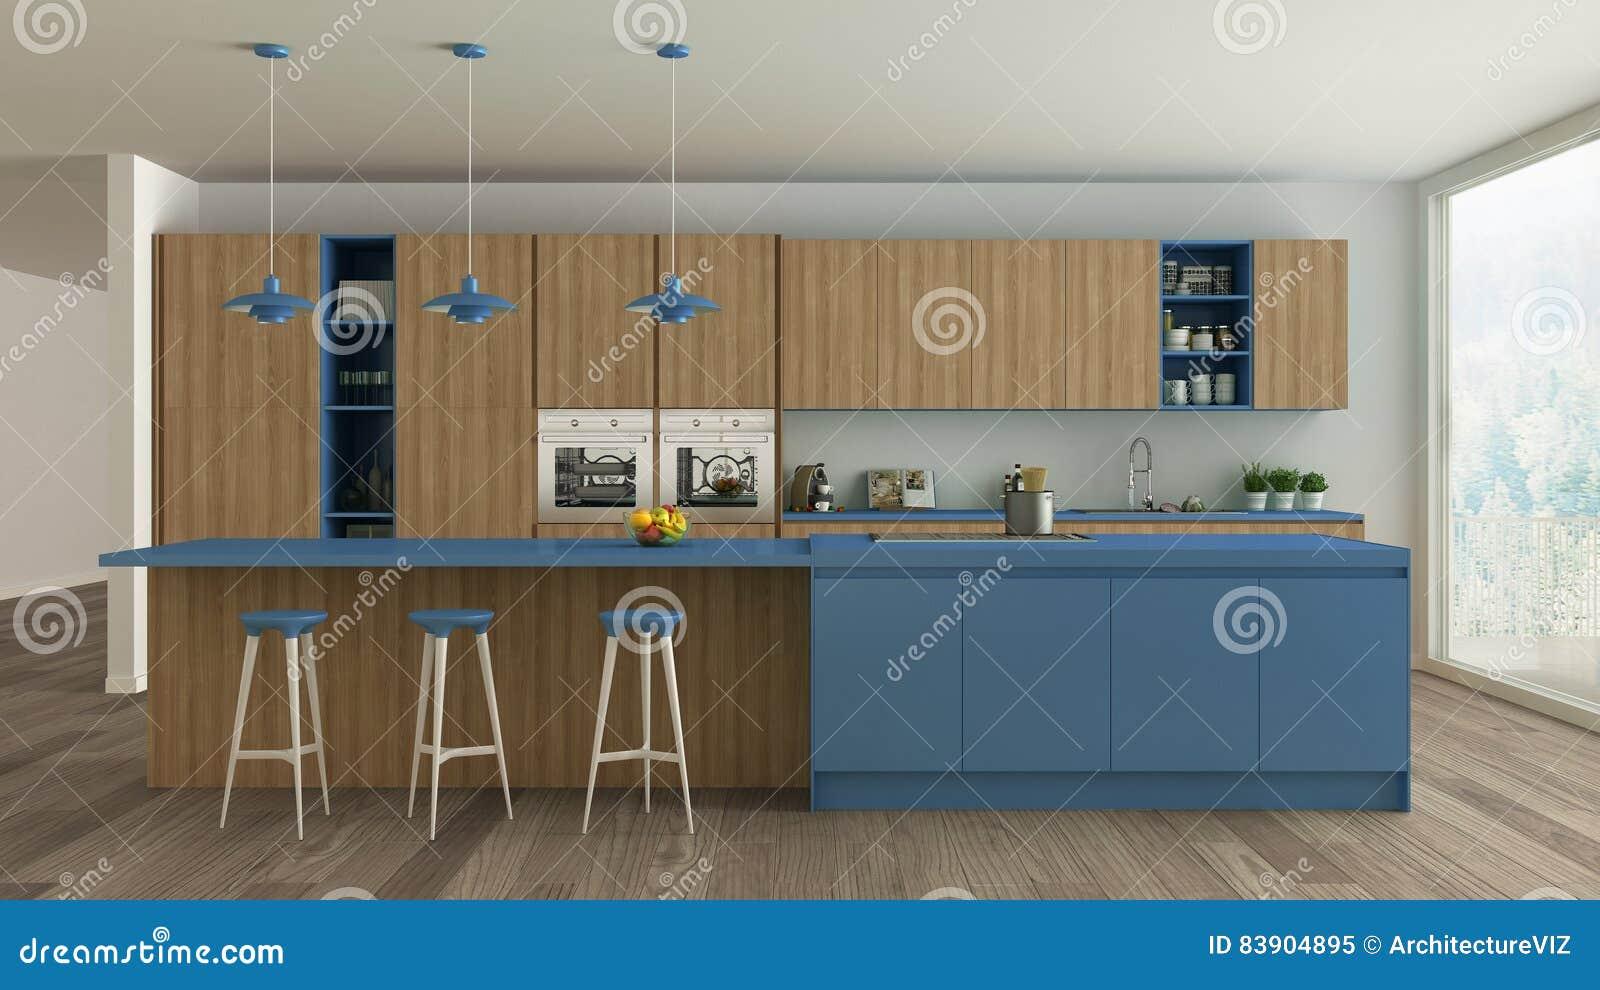 Cuisine Blanche Et Bleu cuisine blanche scandinave avec les détails en bois et bleus